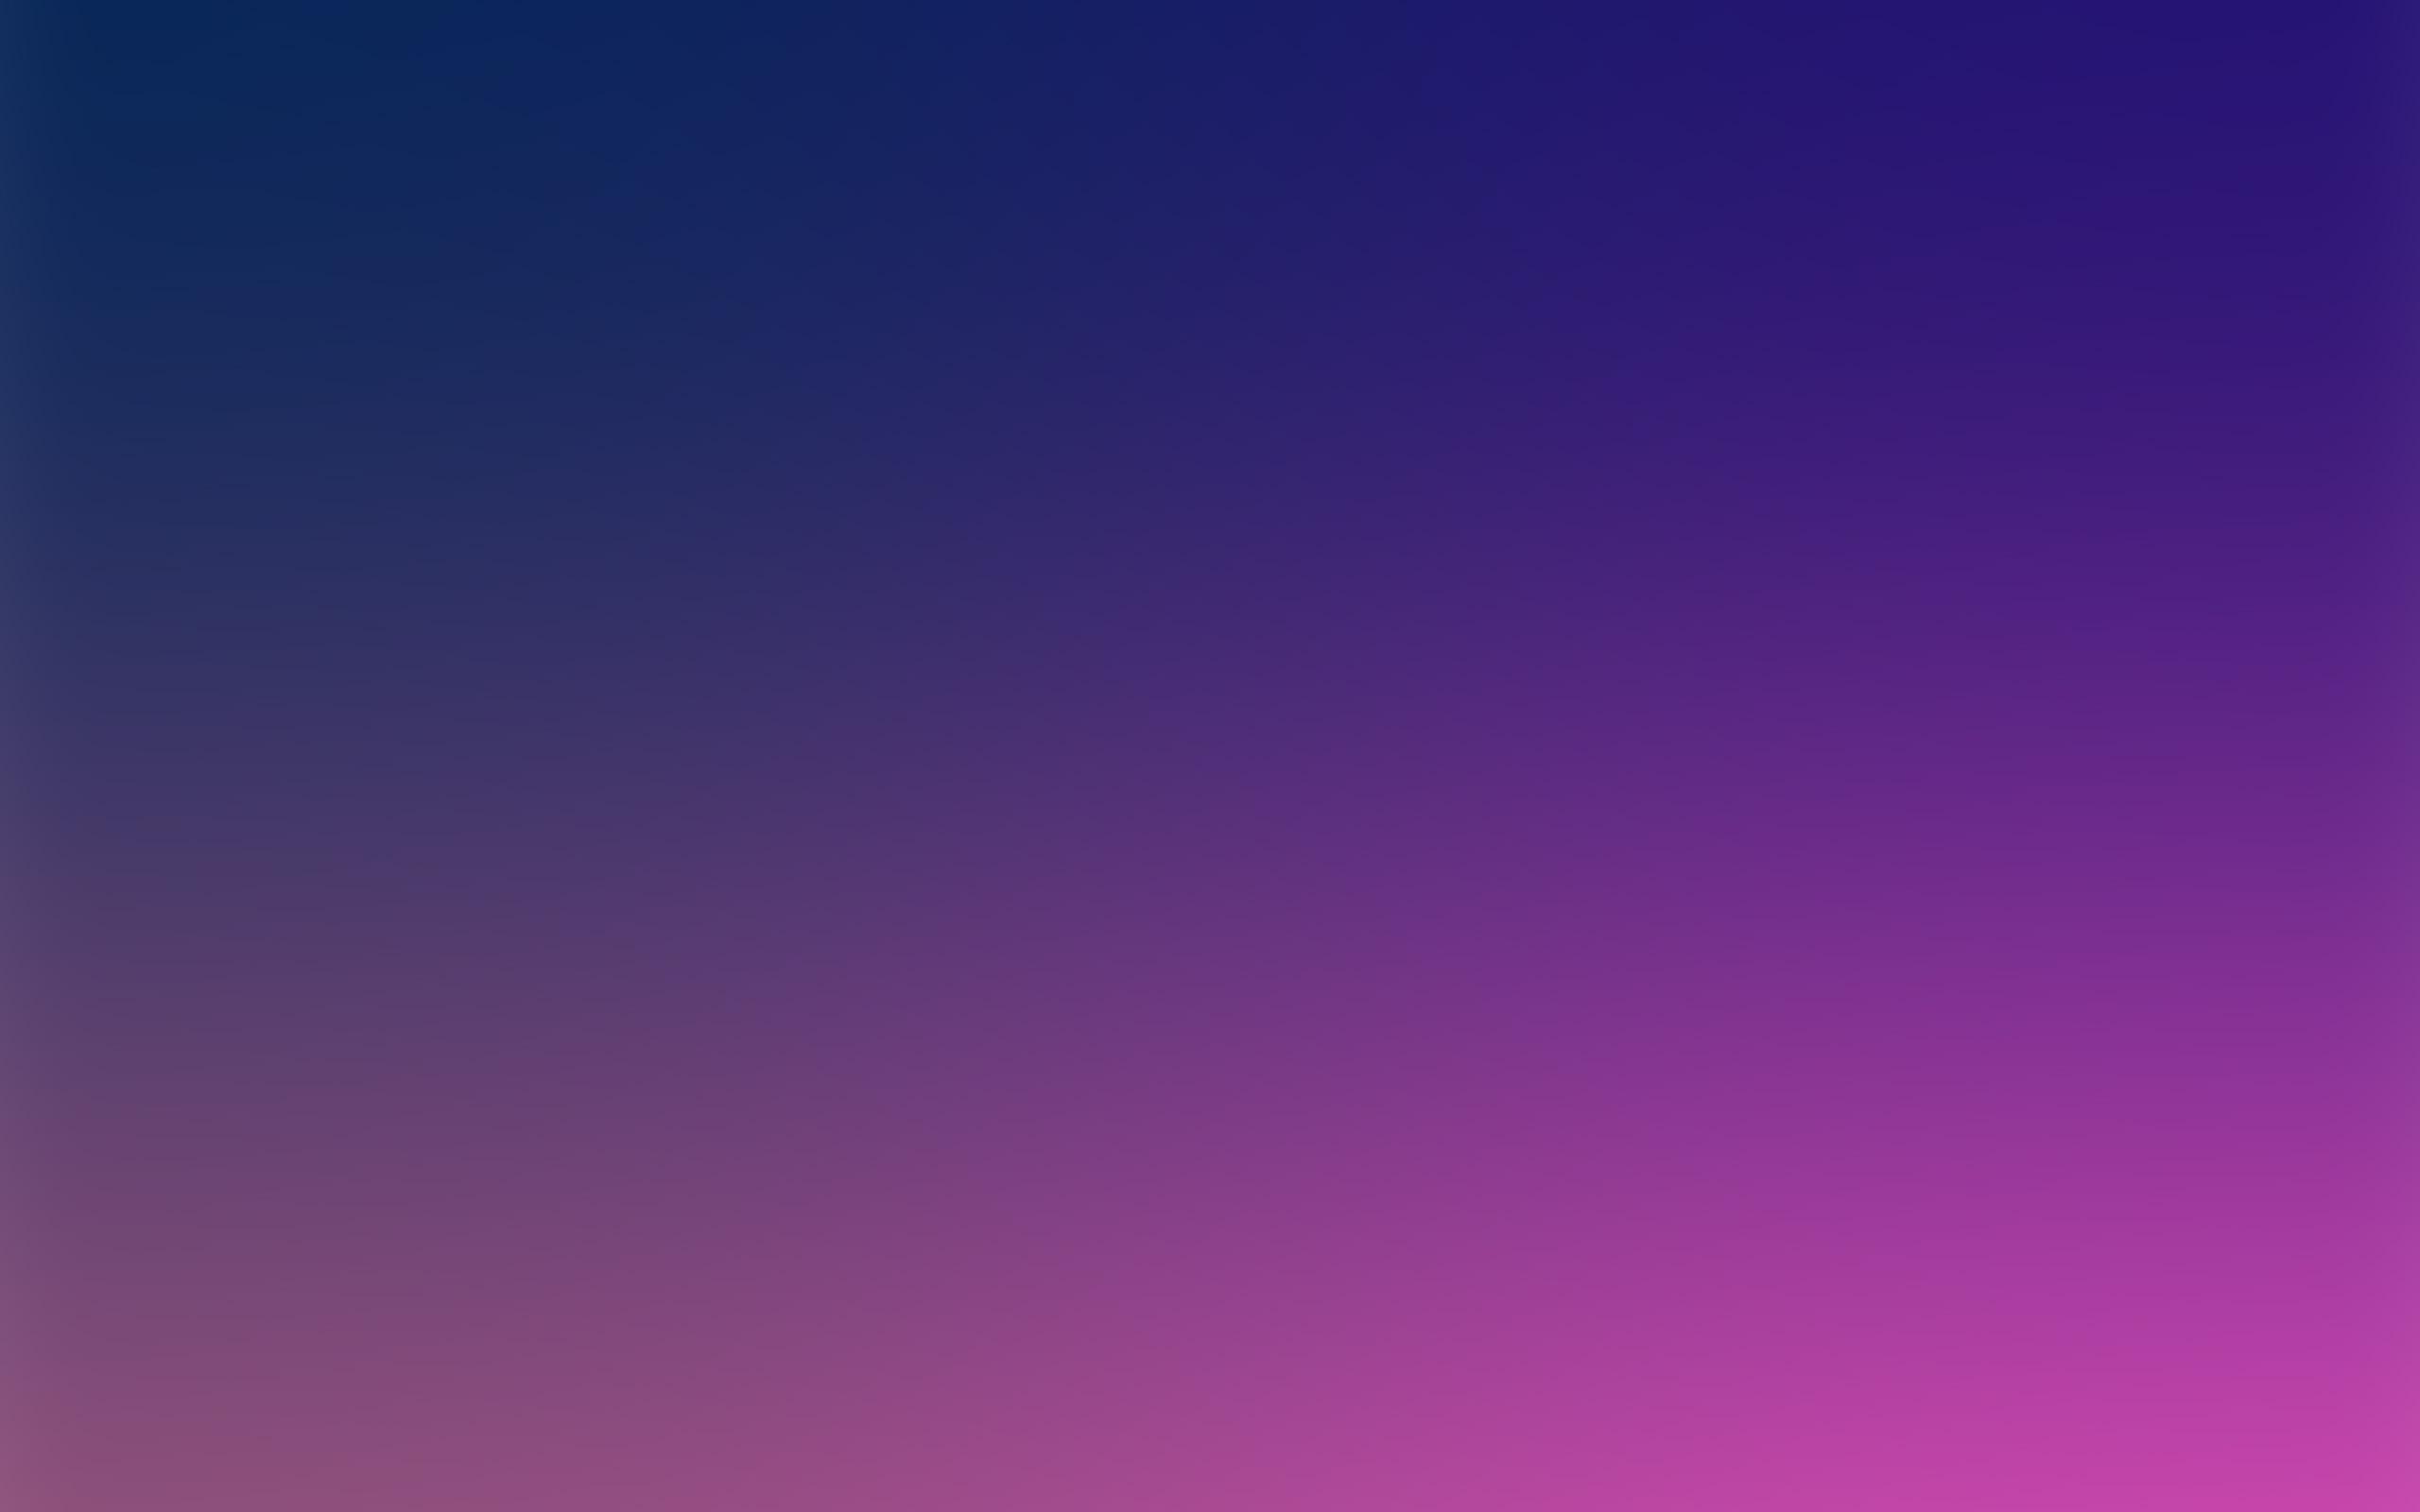 Sm27 Blue Purple Color Blur Gradation Wallpaper